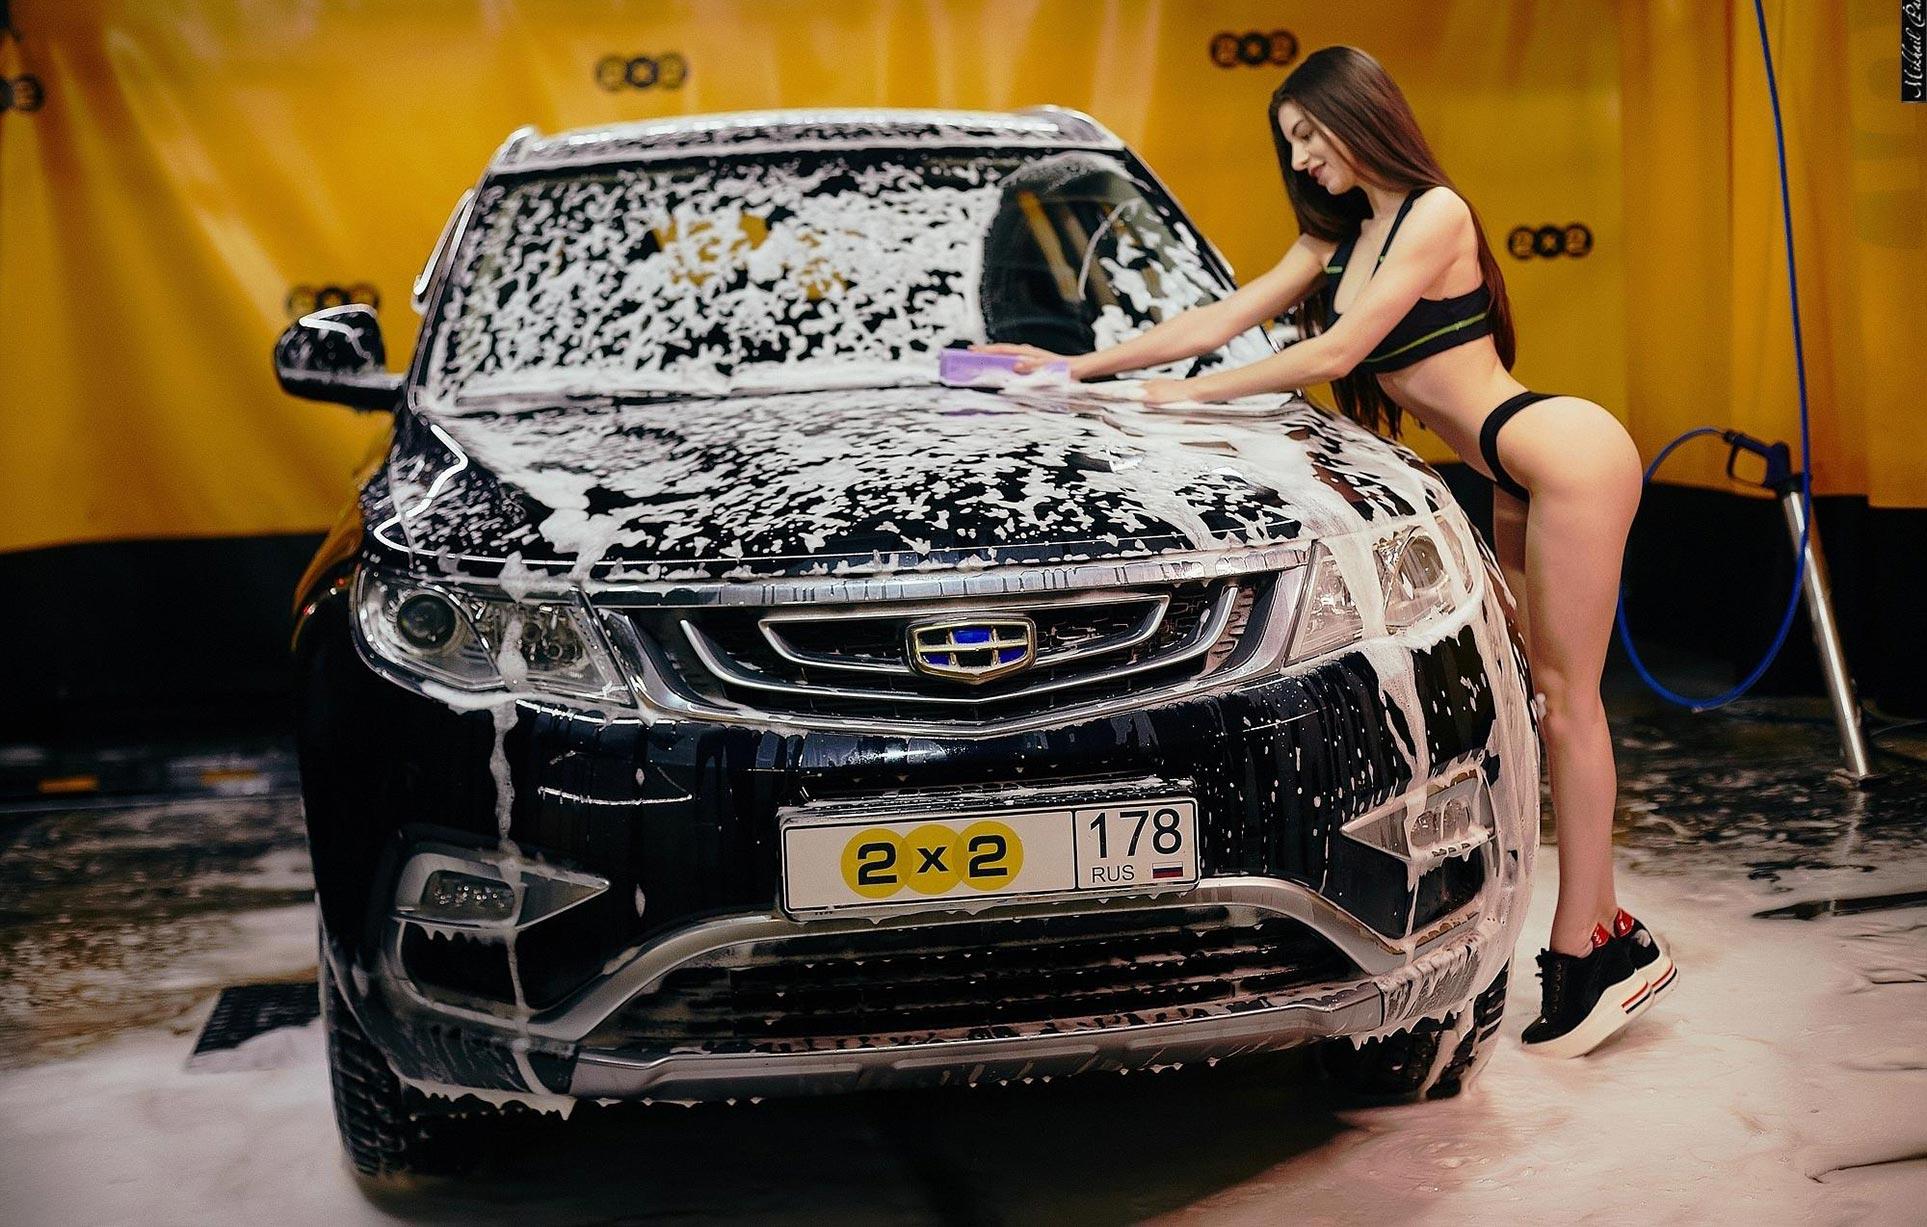 Анна Сазонова в купальнике моет машину / фото 04